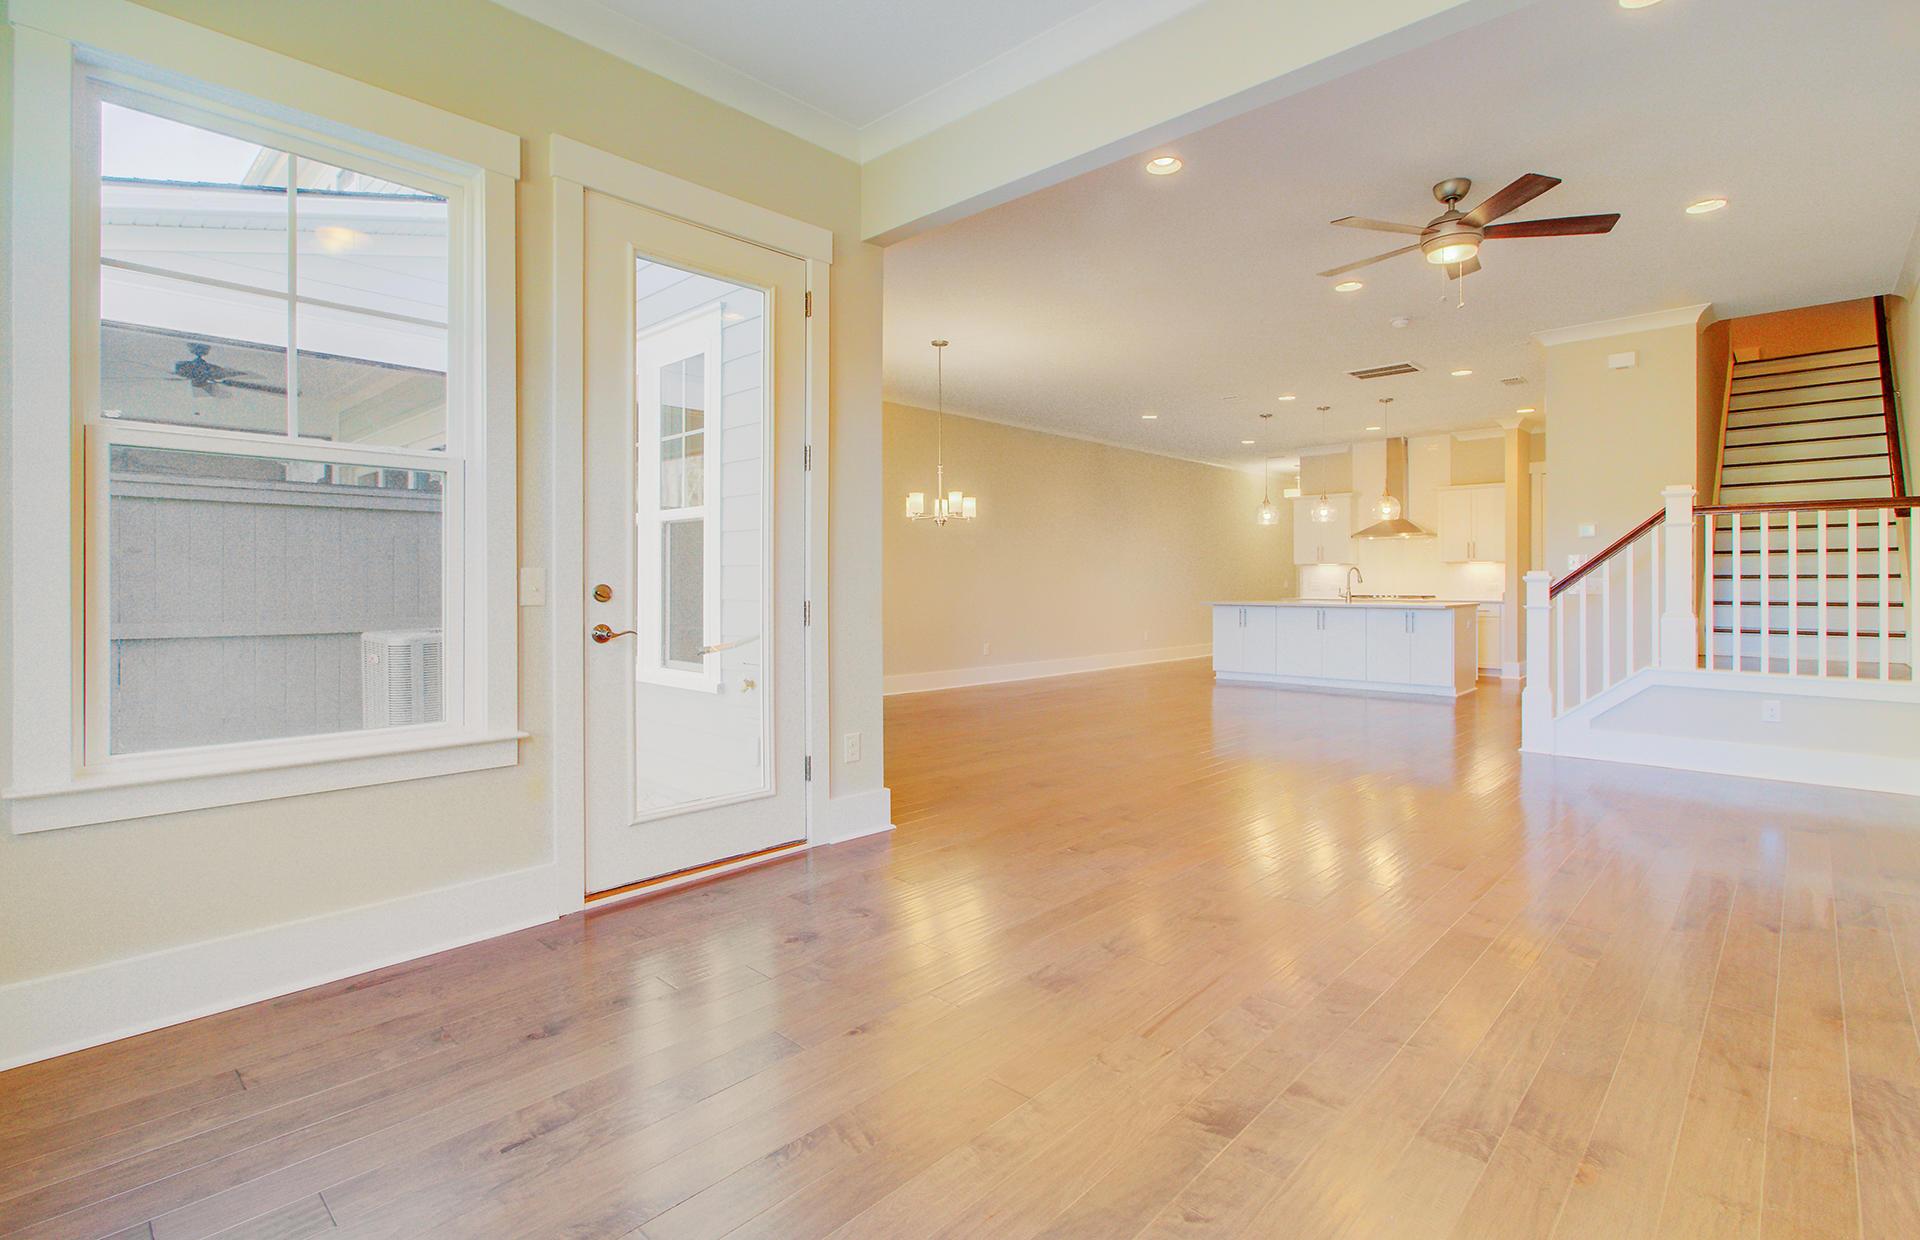 Dunes West Homes For Sale - 2420 Brackish, Mount Pleasant, SC - 20